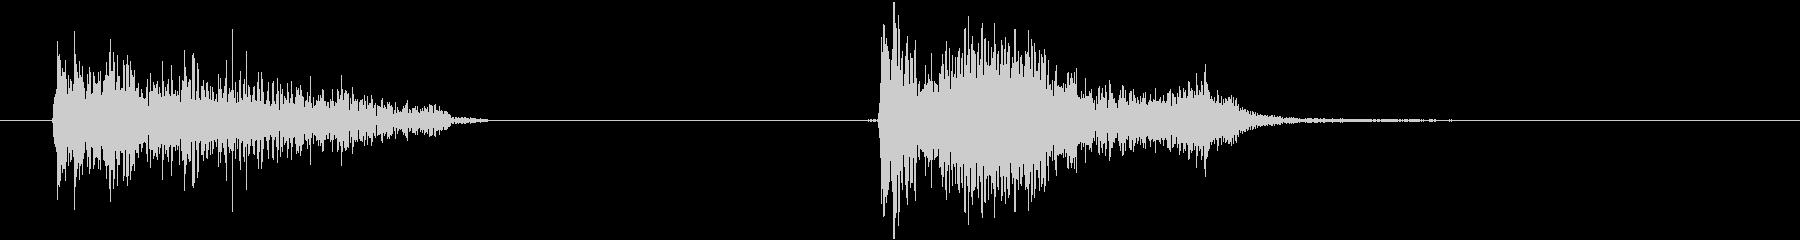 電力装置 バズ08の未再生の波形